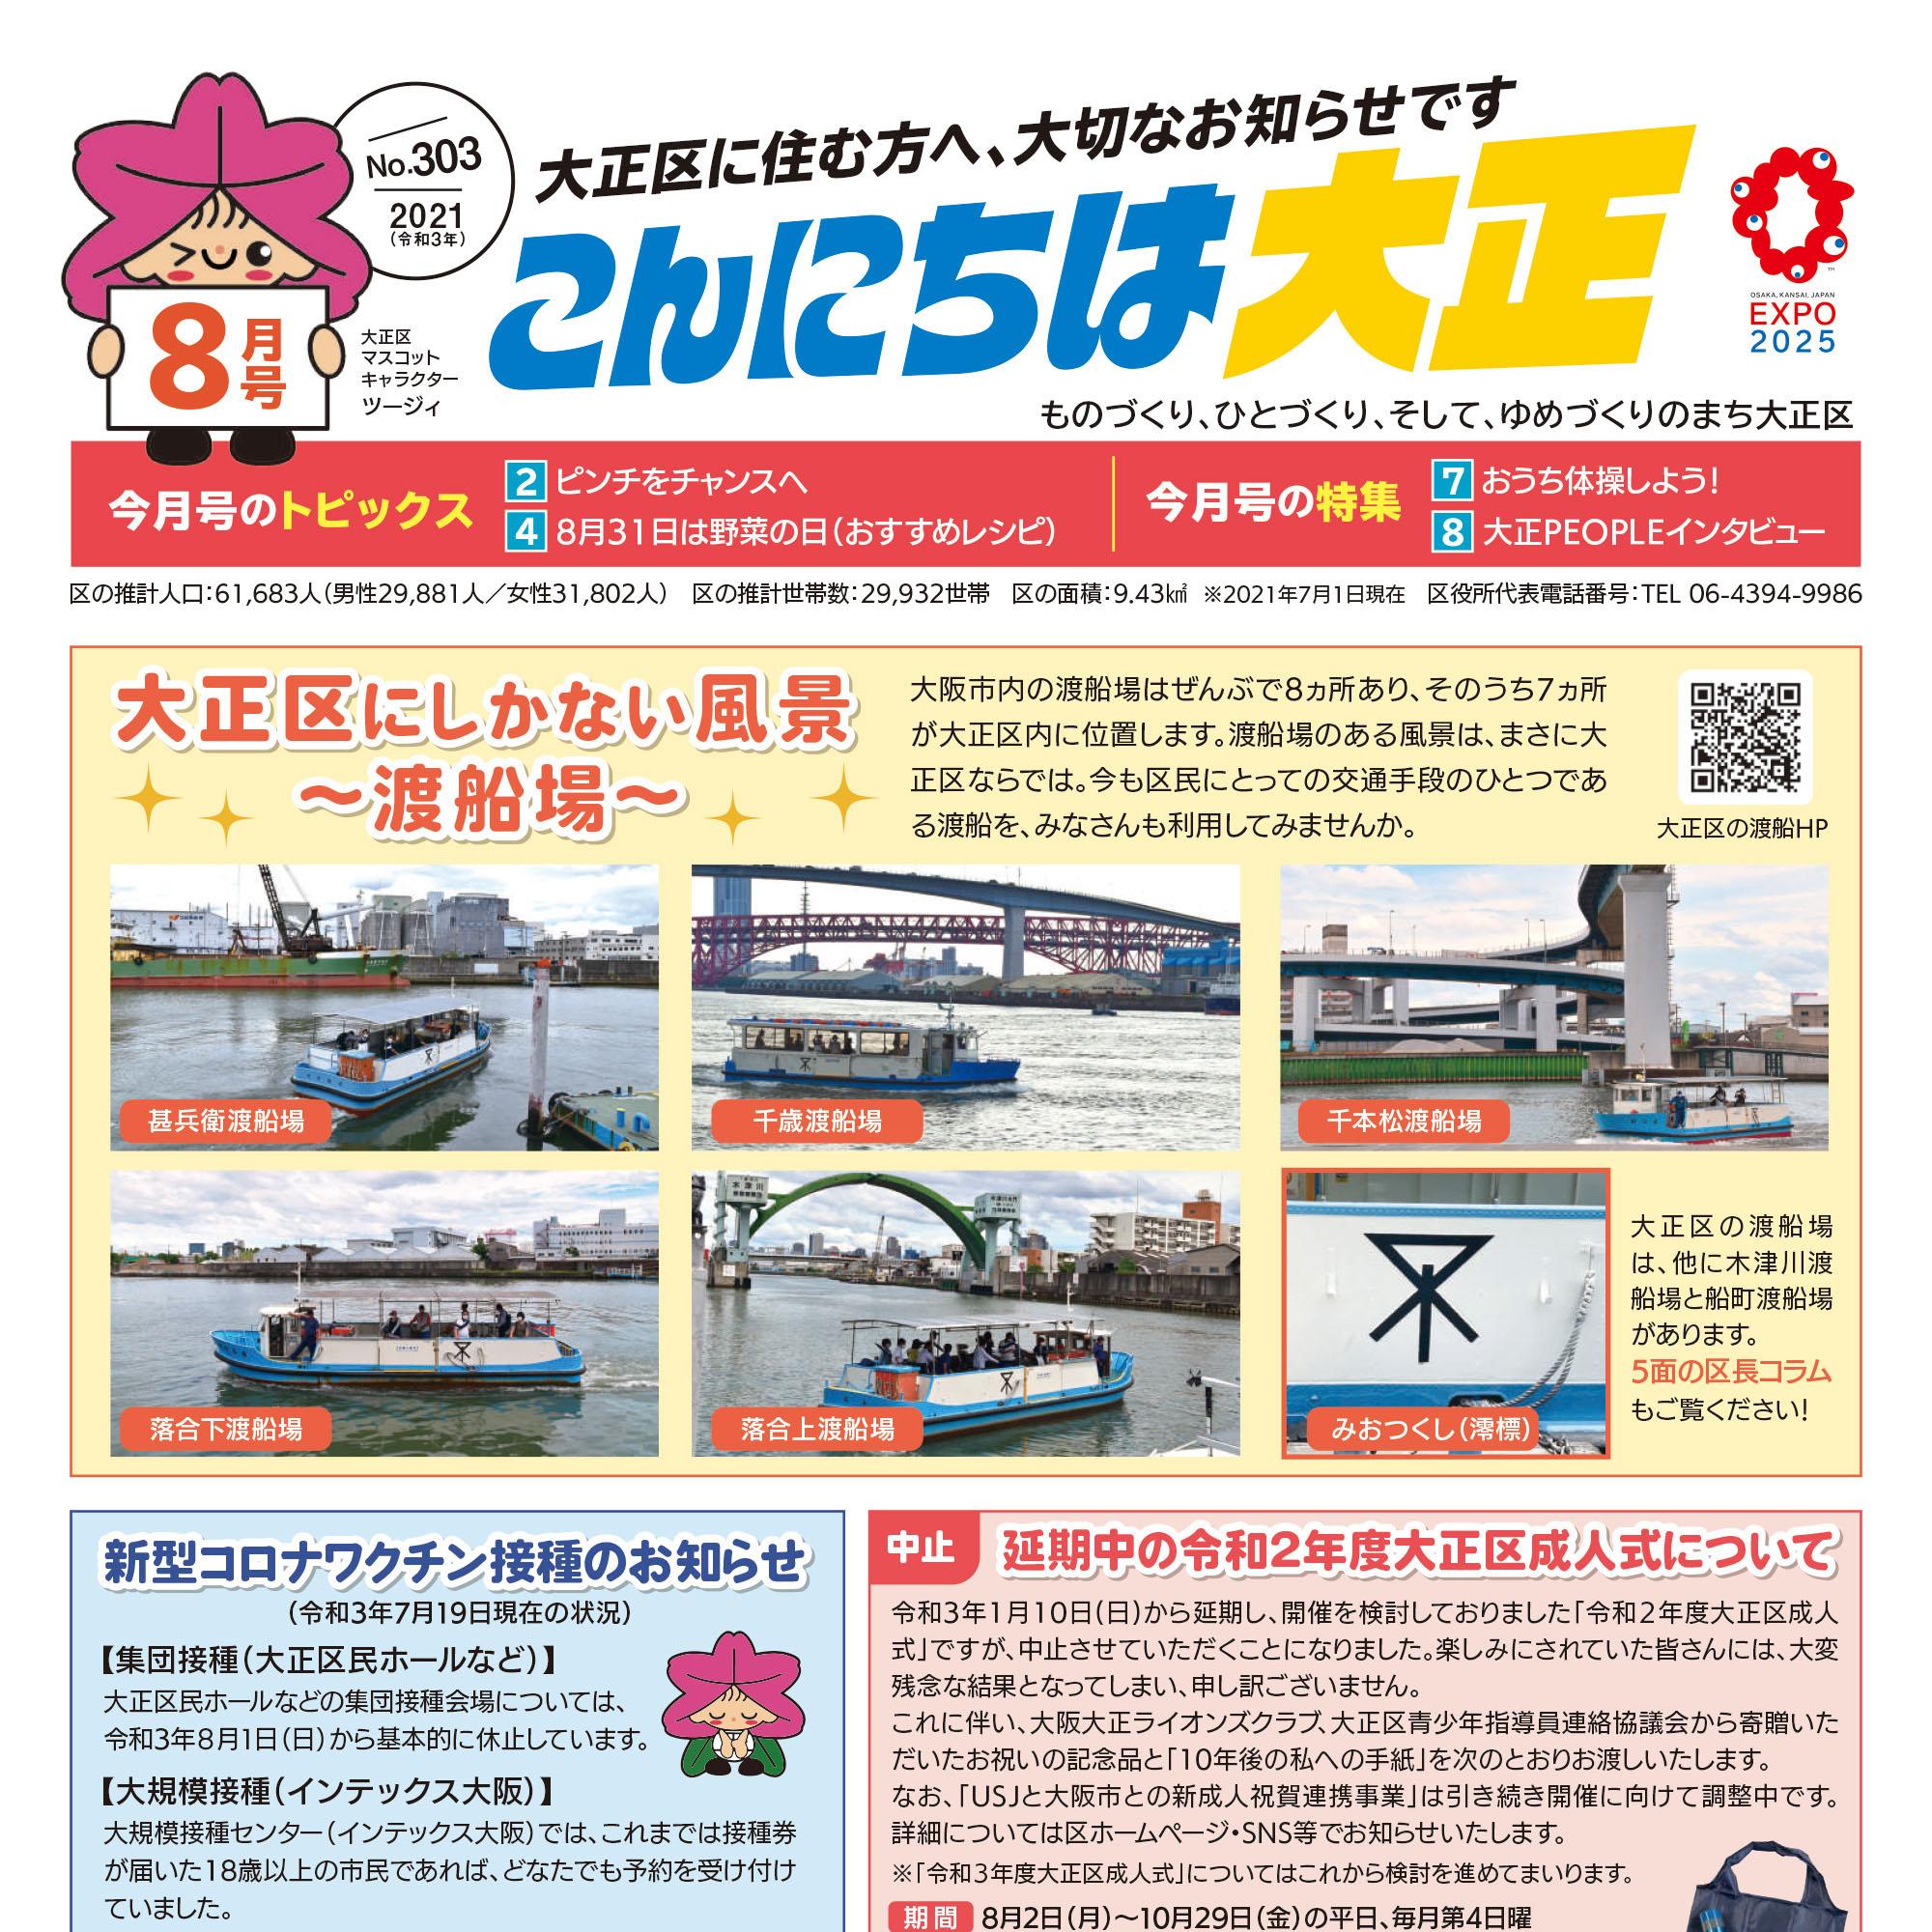 こんにちは大正7月号|2021.8 大正区にしかない風景(大阪市大正区)